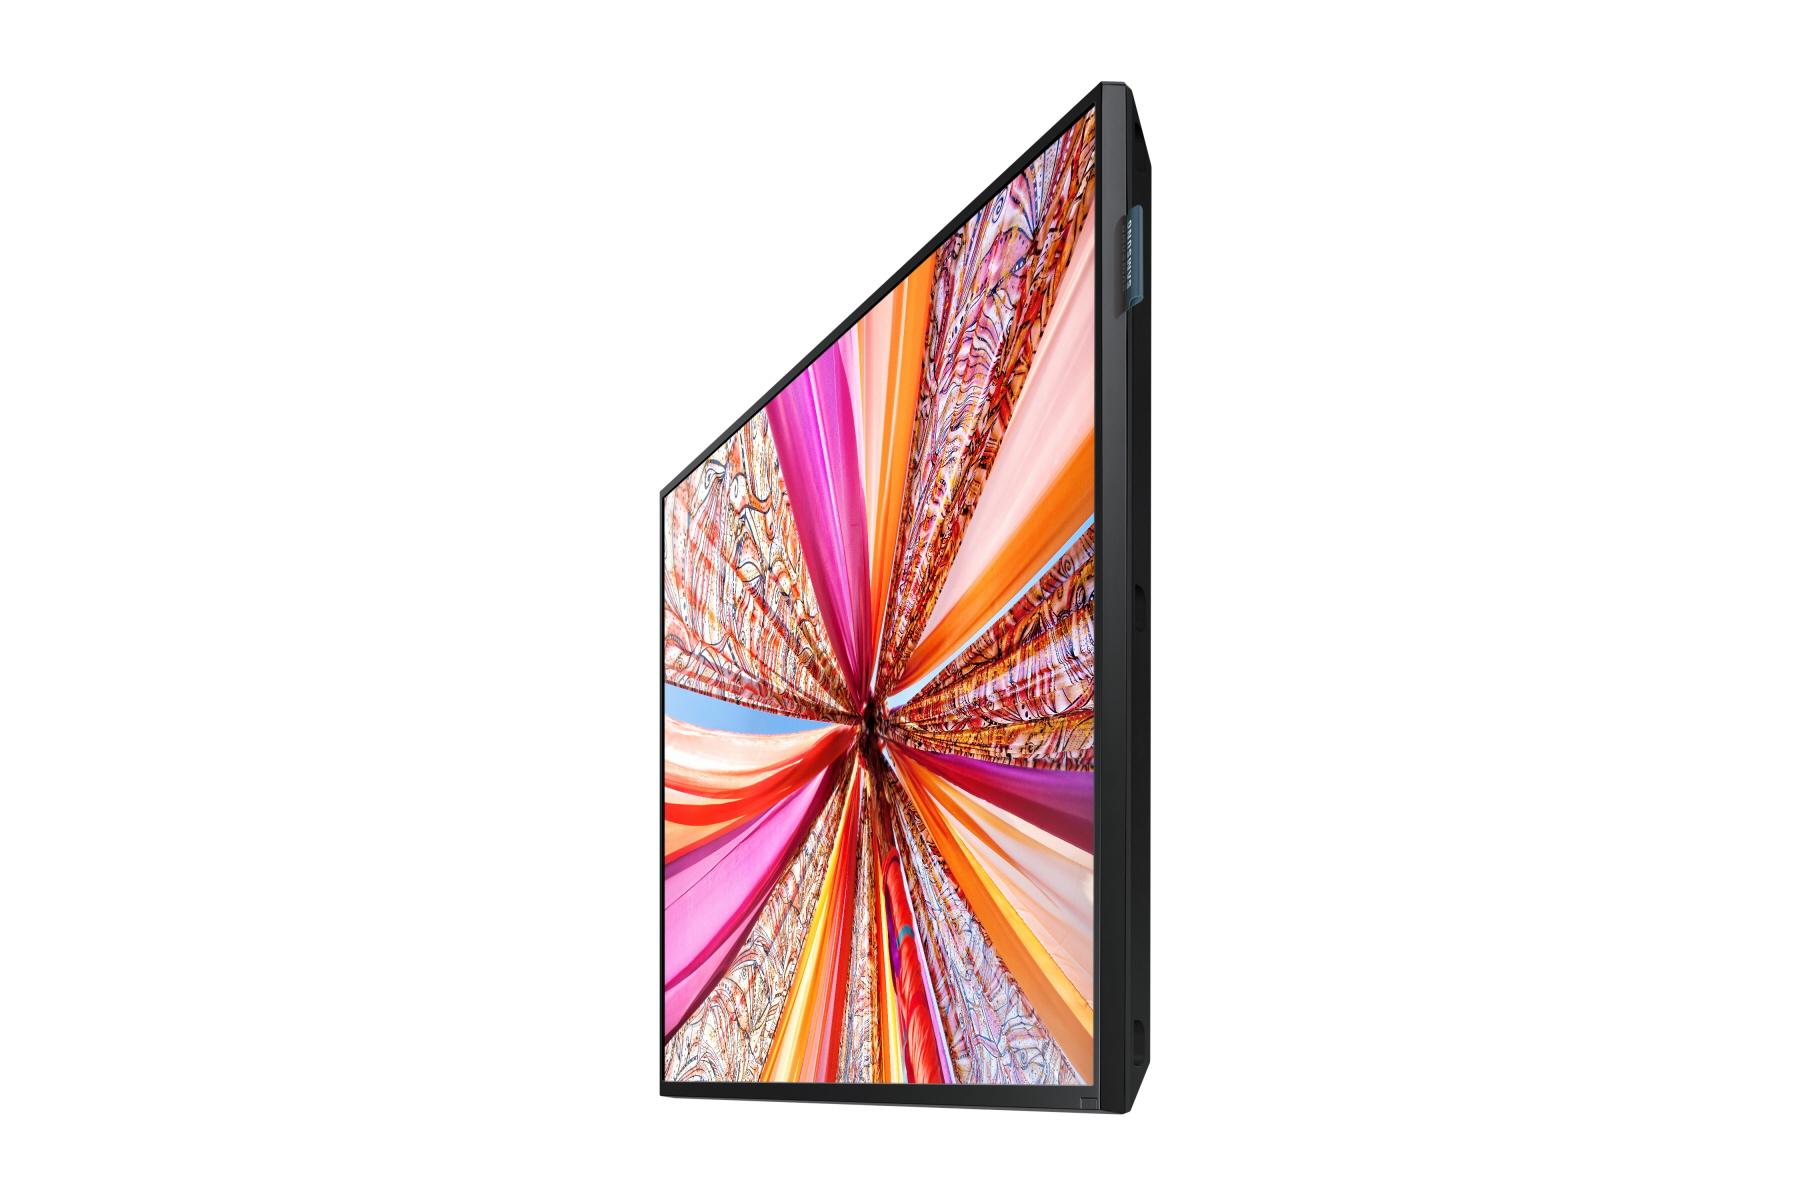 Samsung DMD Series - Angle